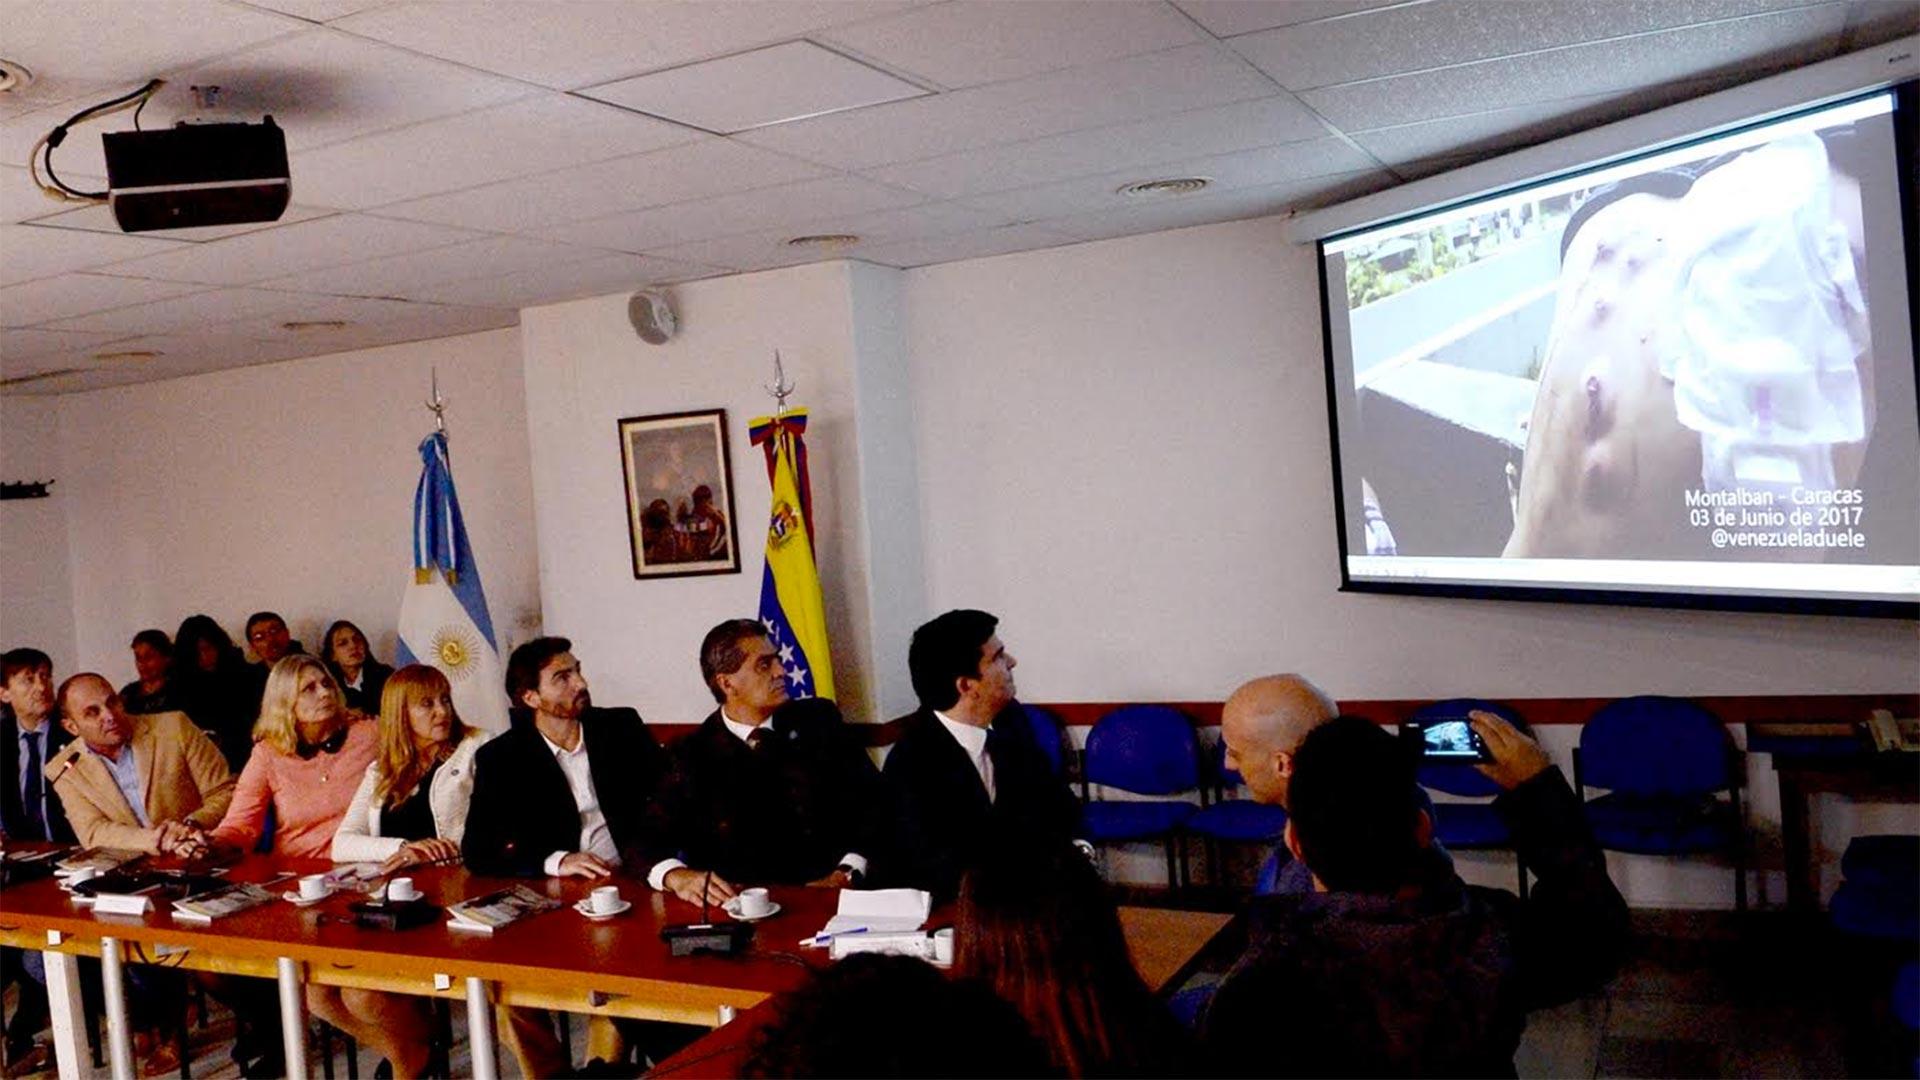 Durante la reunión, se mostraron las atrocidades del régimen chavista en Venezuela